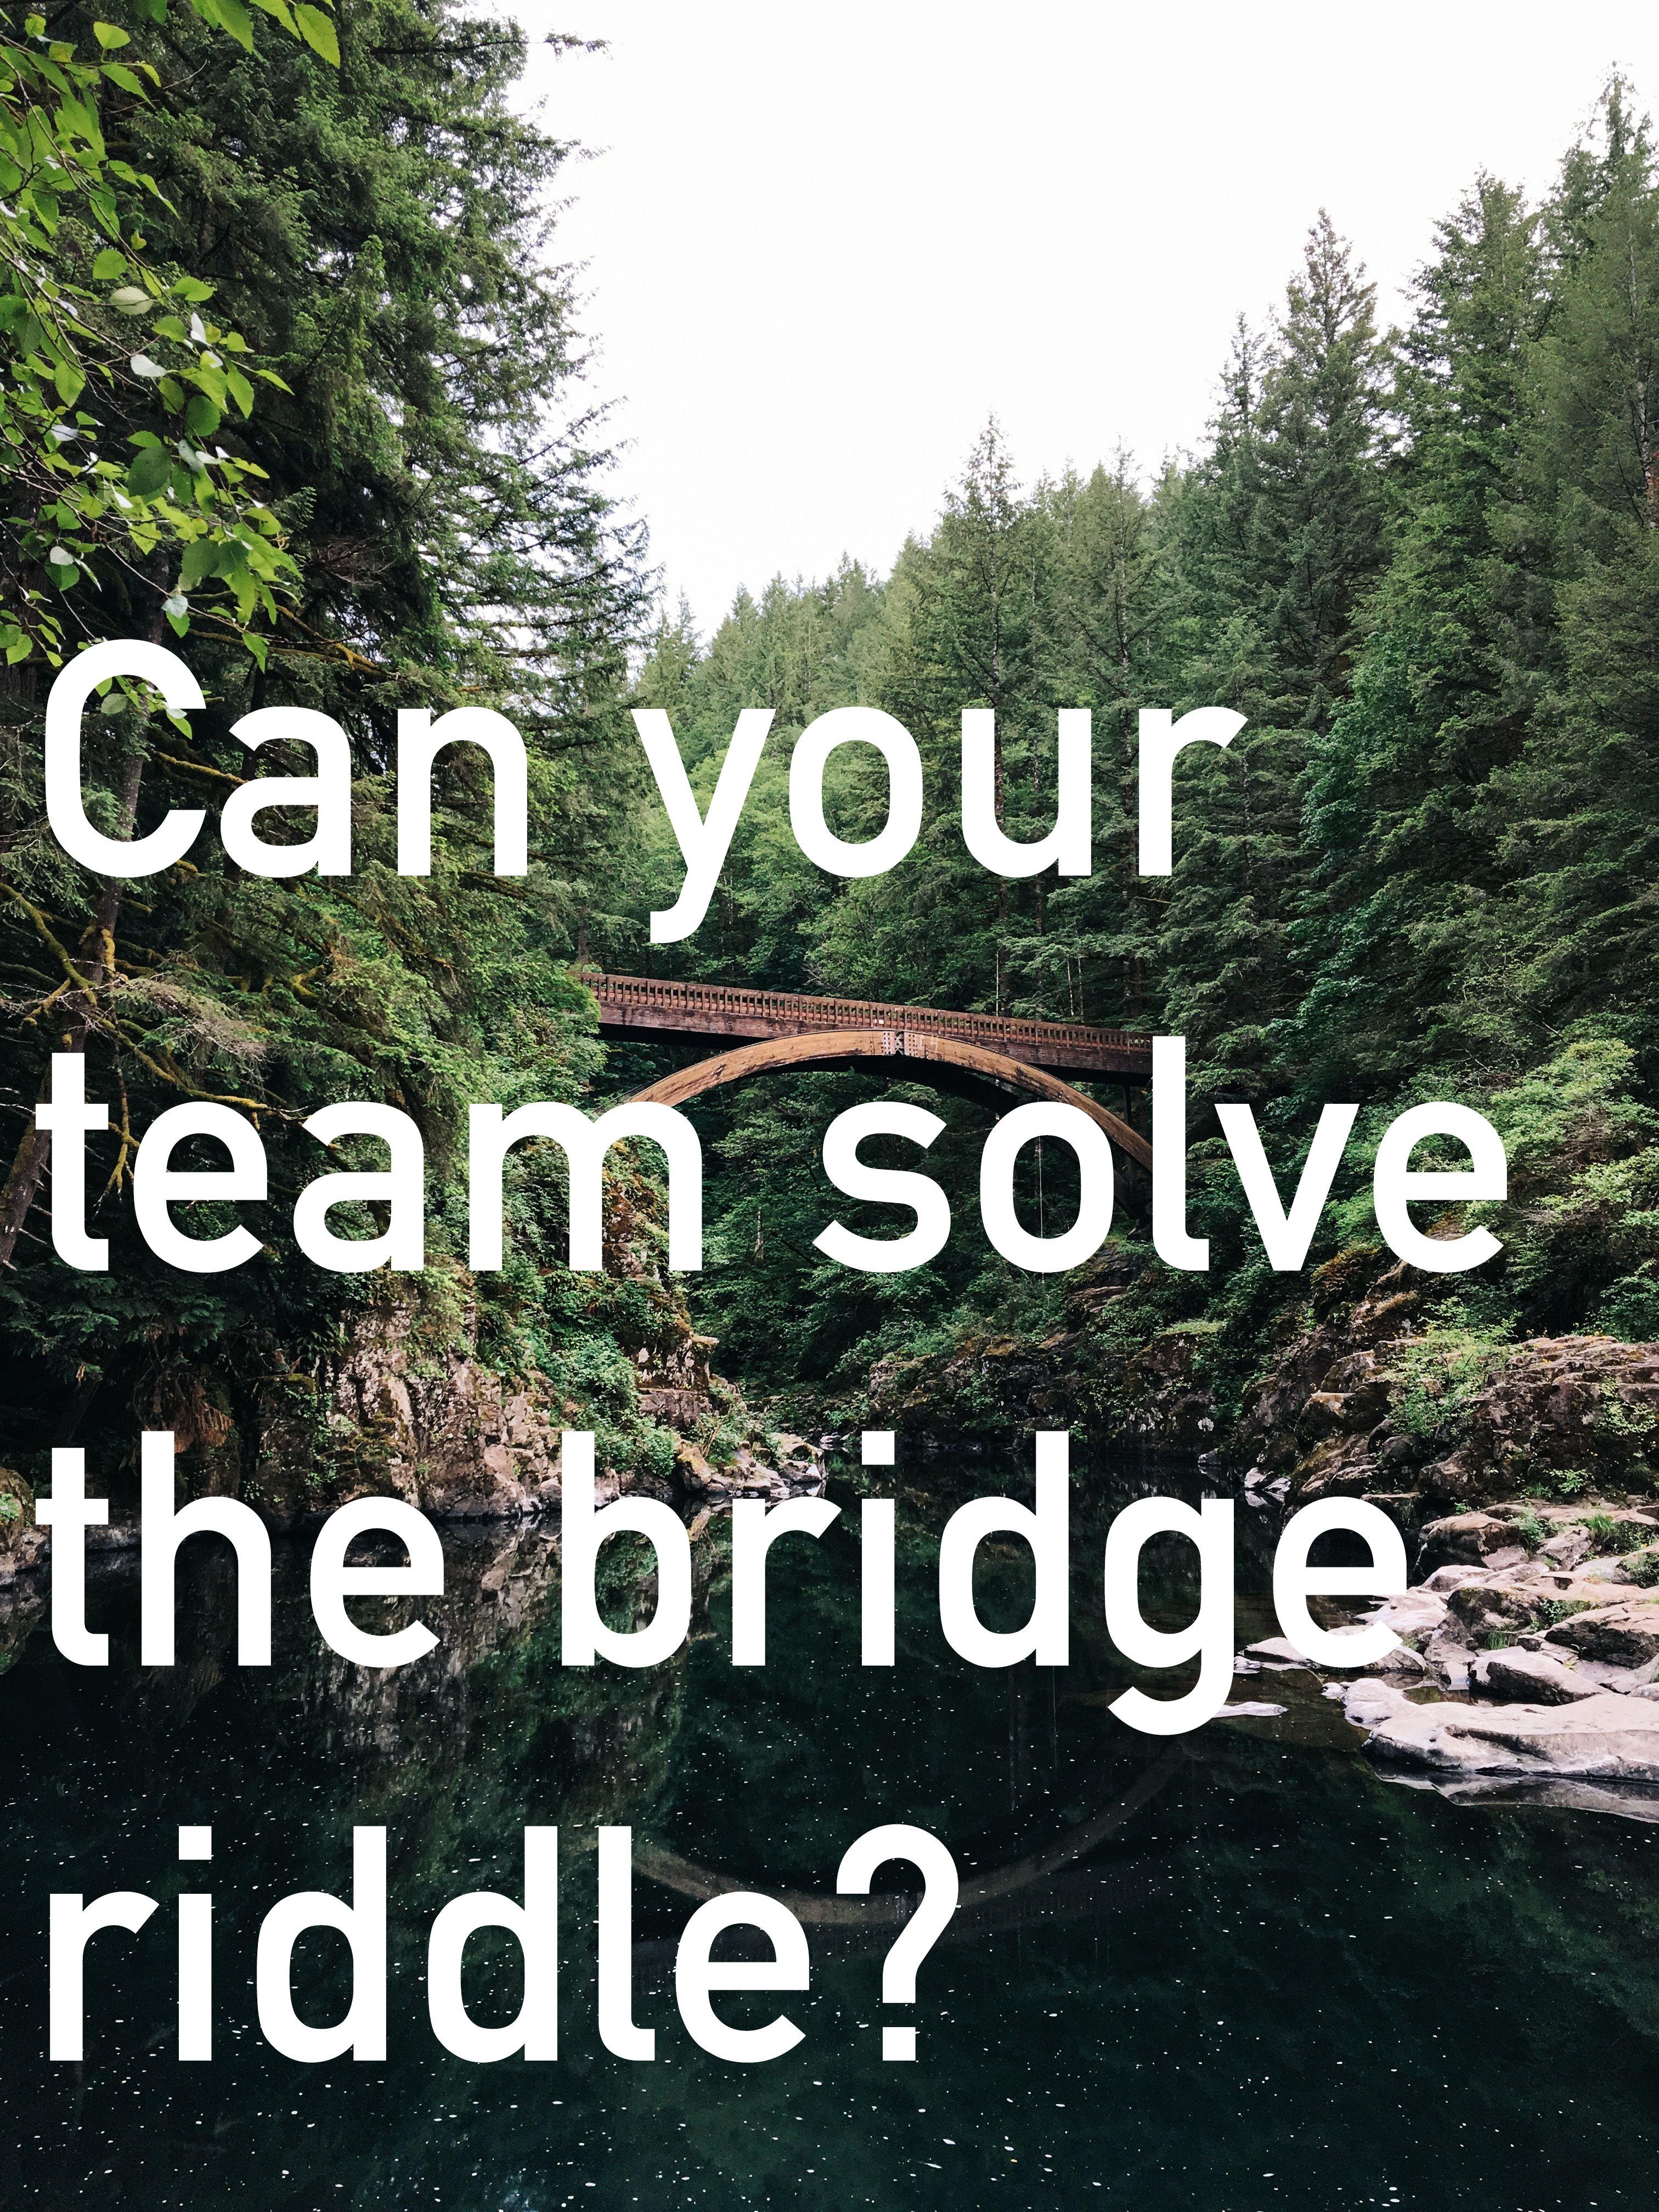 Team Challenge Taking That Internship In A Remote Mountain